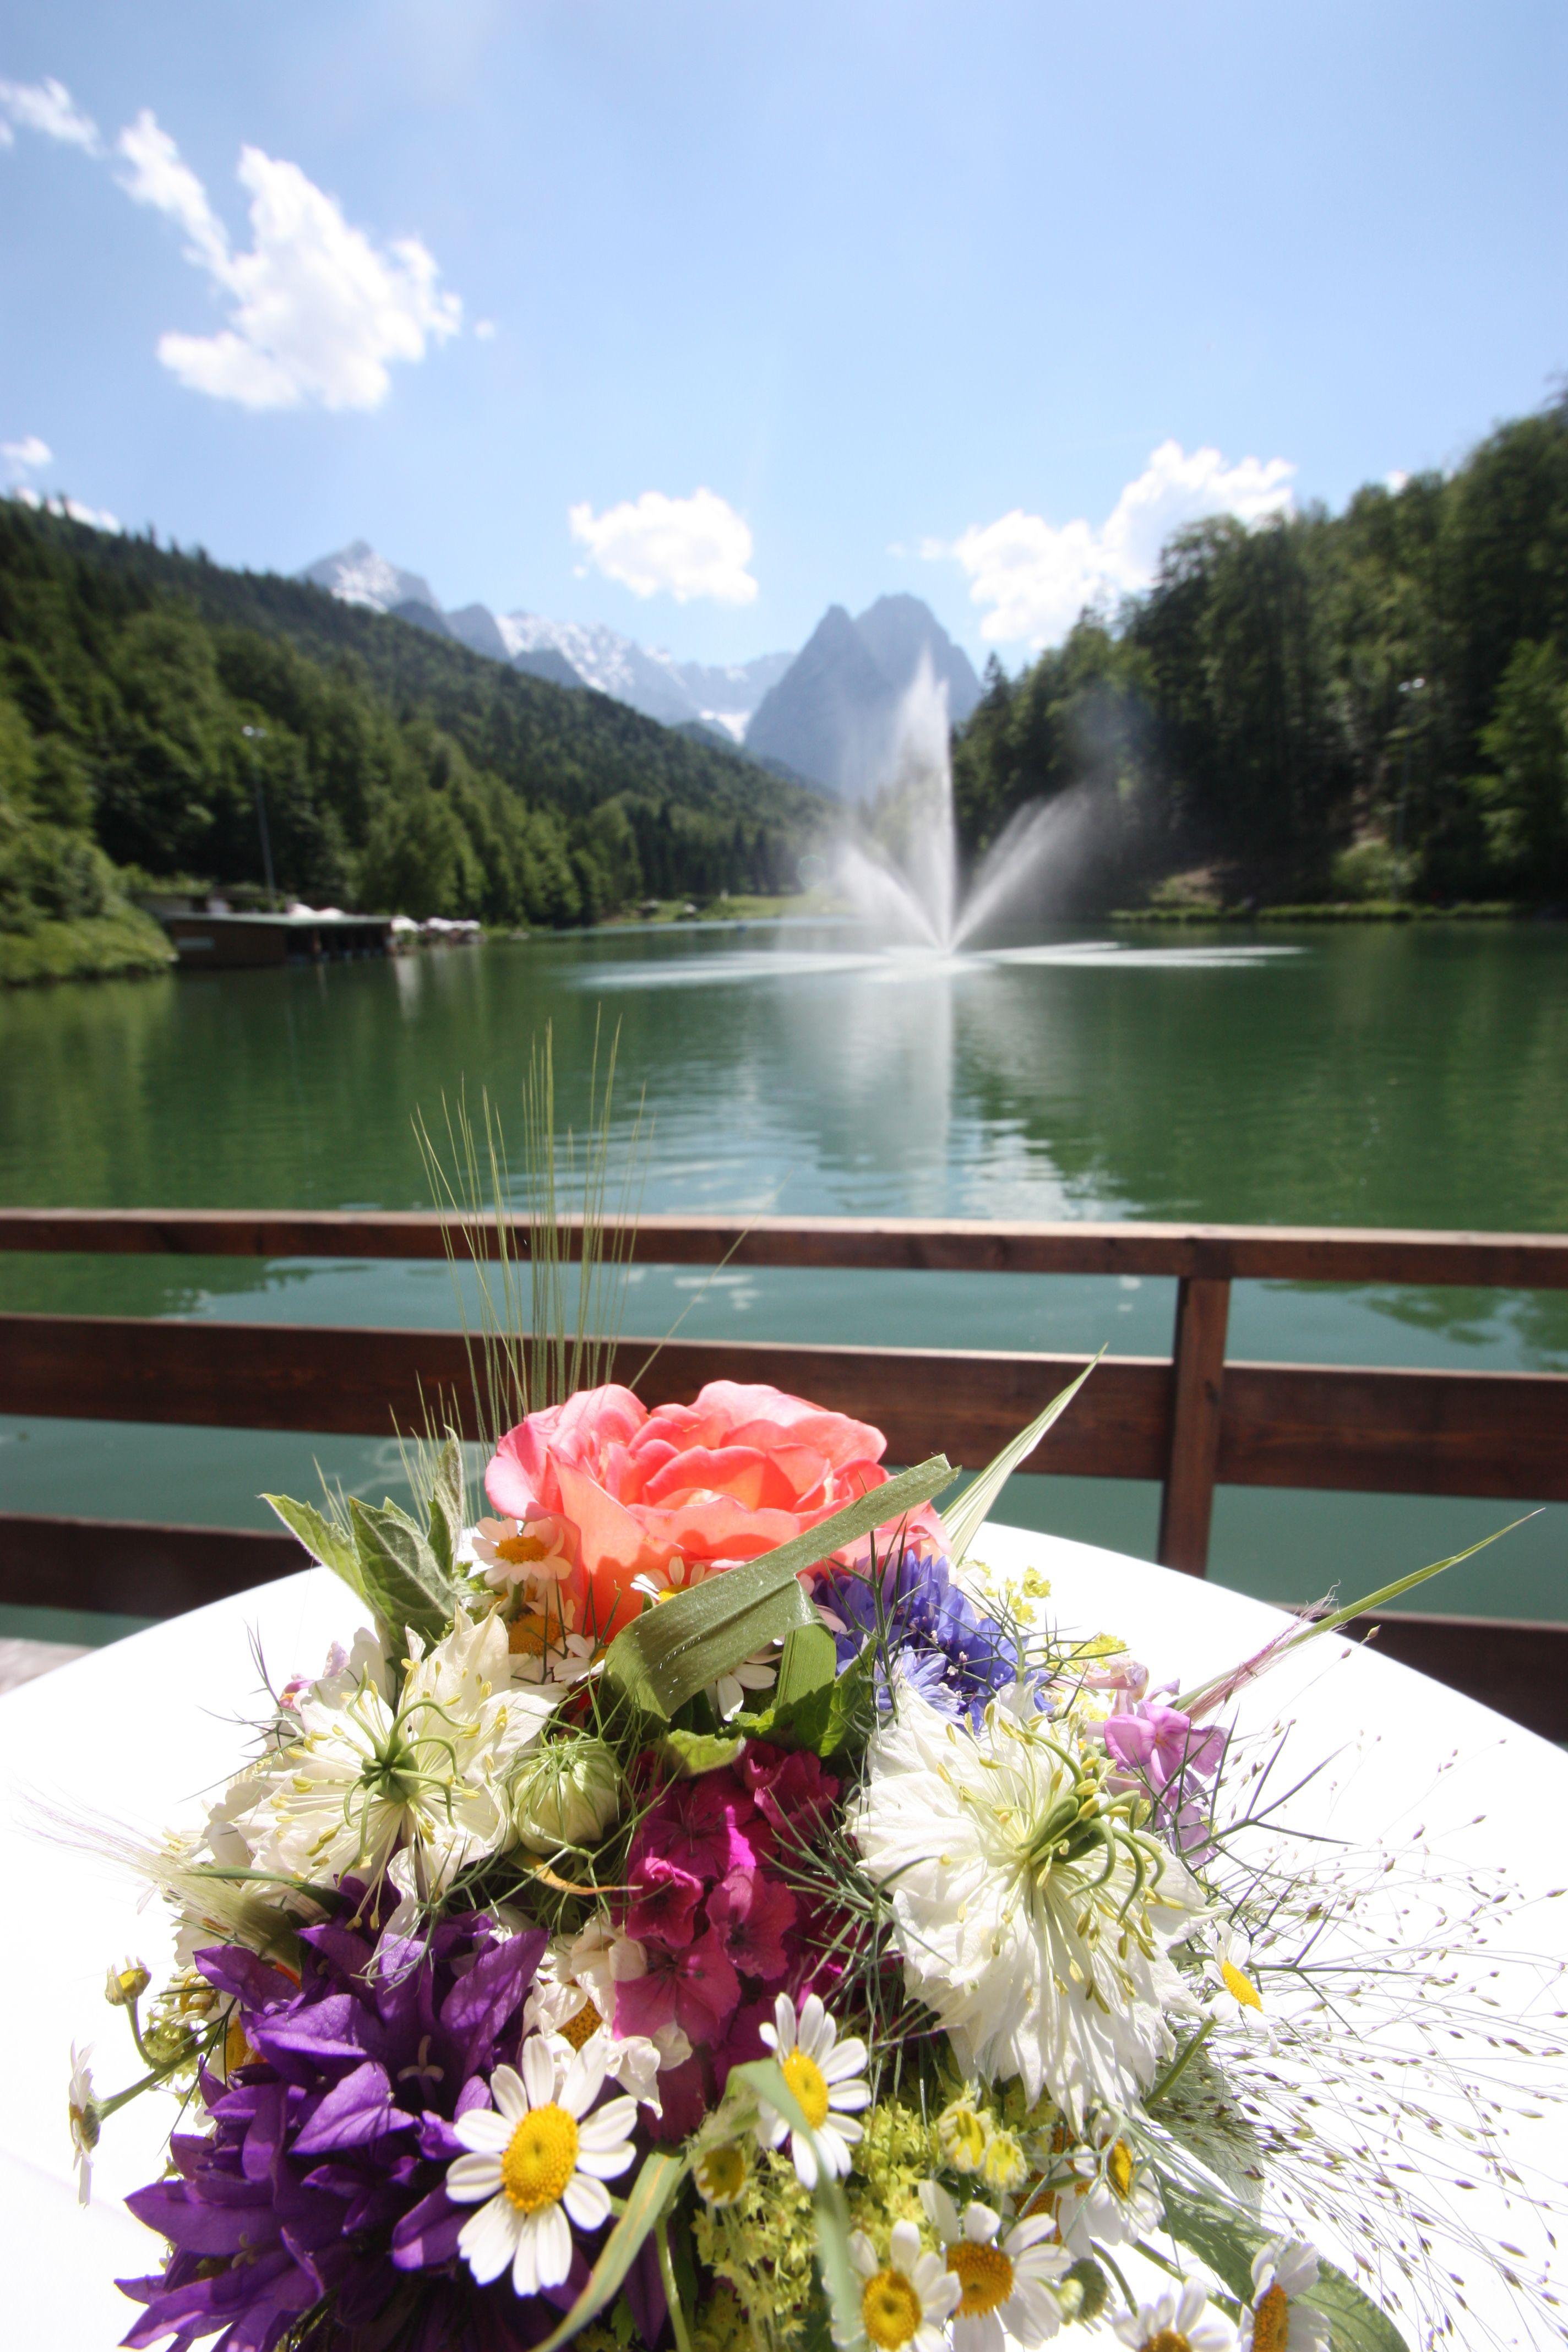 Empfang auf der Floß-Terrasse, Stehtische mit bunten Sommerblumen - Heiraten in Garmisch-Partenkirchen, Bayern, Riessersee Hotel Resort